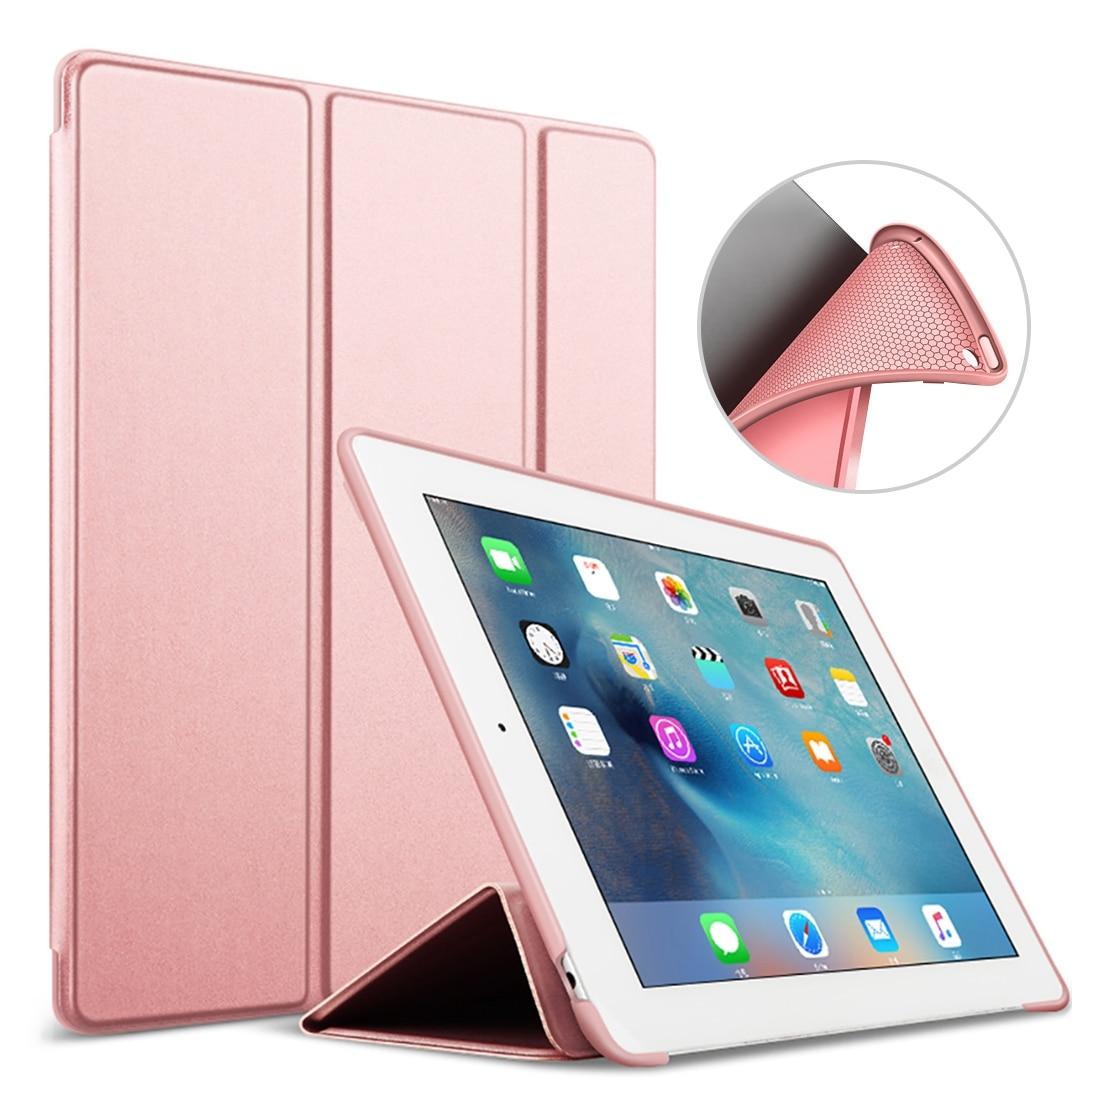 Für iPad Air 2 Air 1 Hülle 2018 9.7 Funda Silicone Soft Back 2017 - Tablet-Zubehör - Foto 3